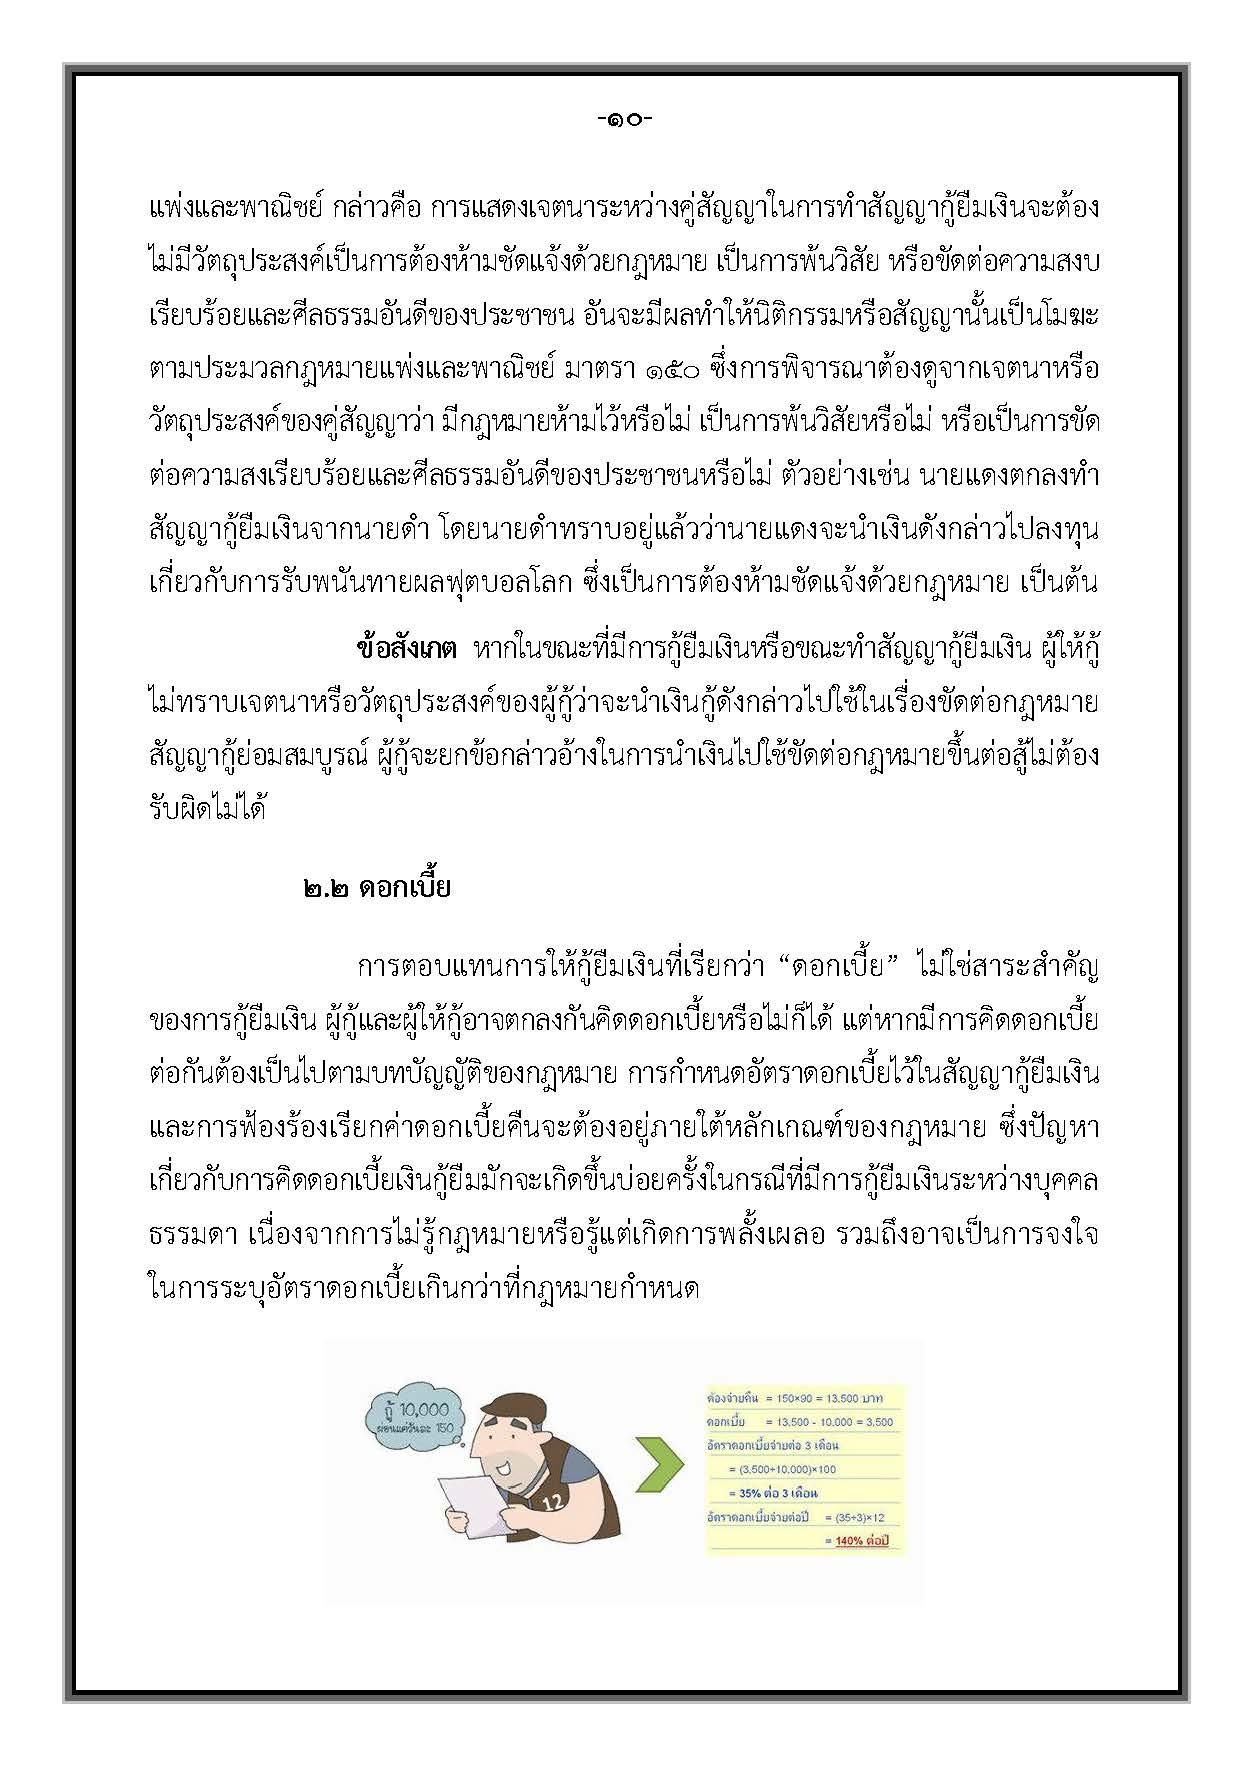 คำแนะนำ-สัญญากู้ยืมเงิน_Page_14